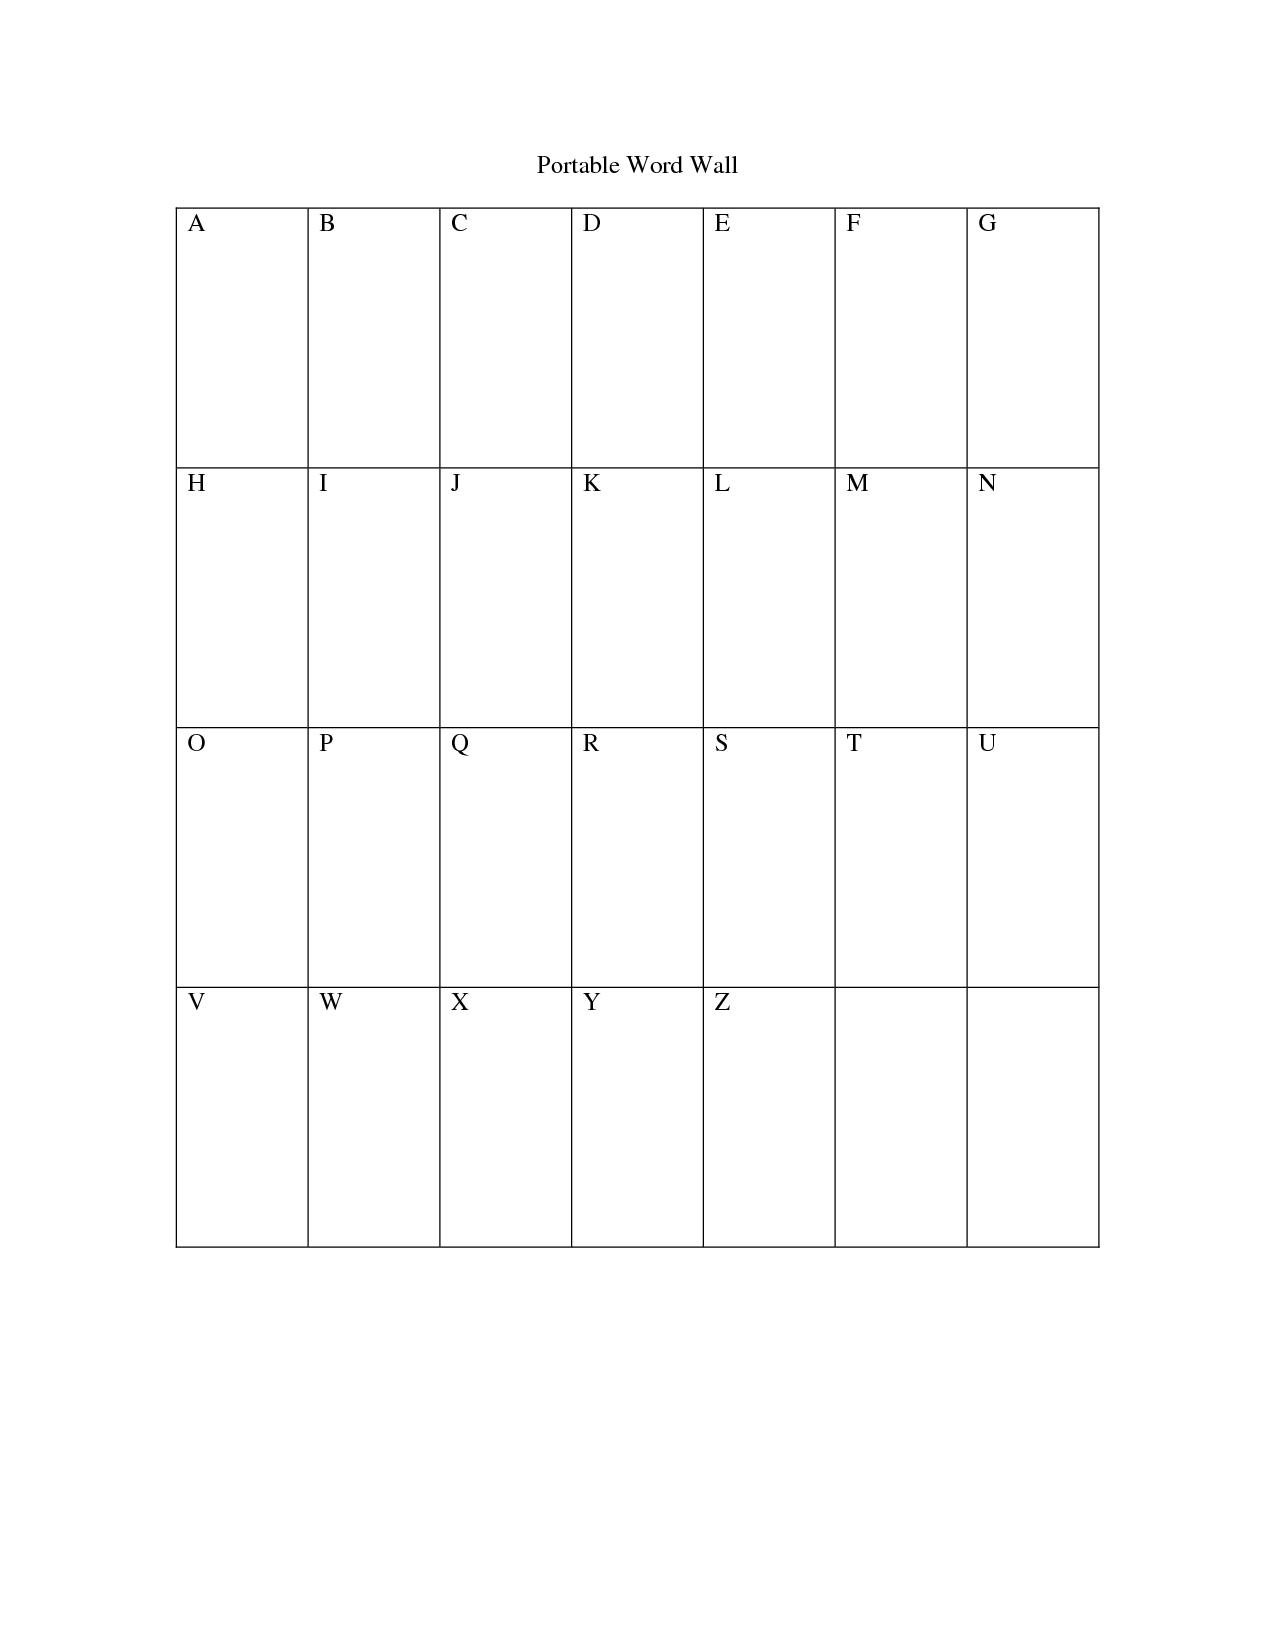 Free Printable Word Wall Templates